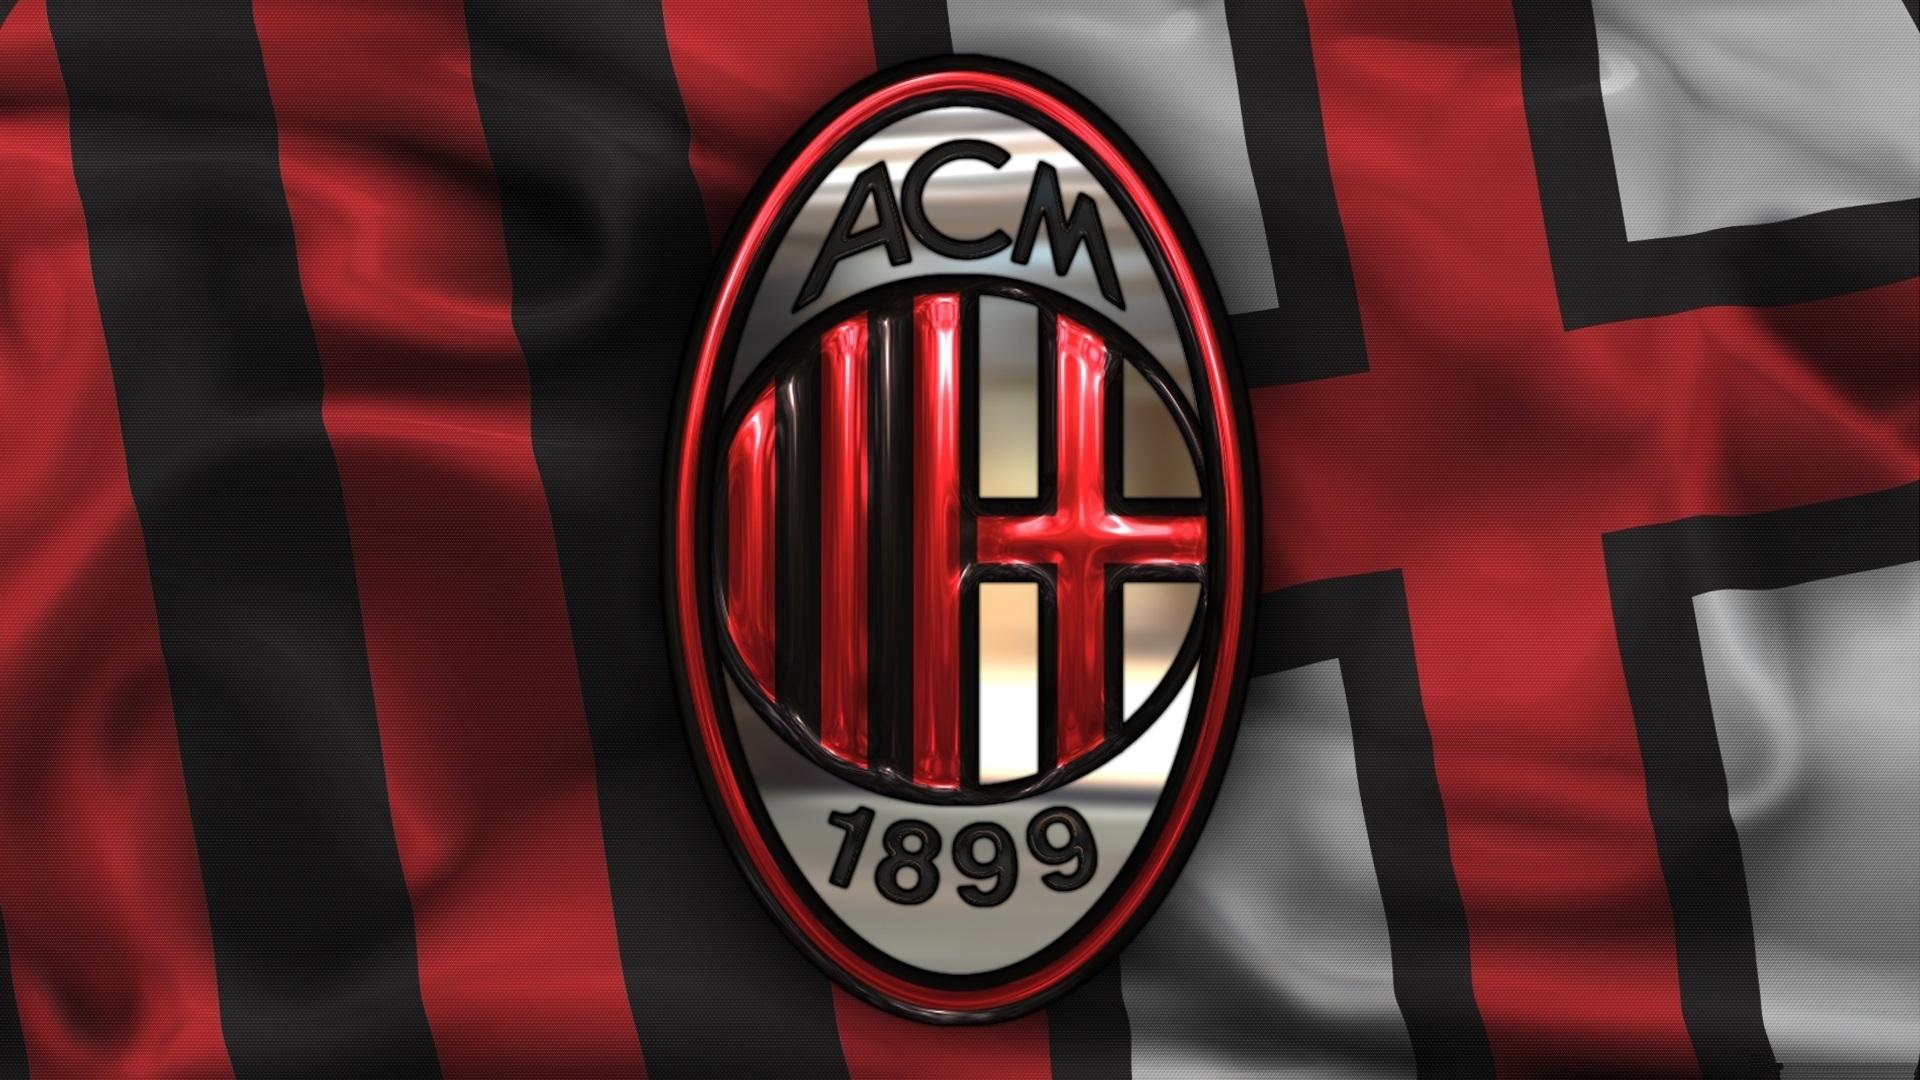 Ac Milan HD Download